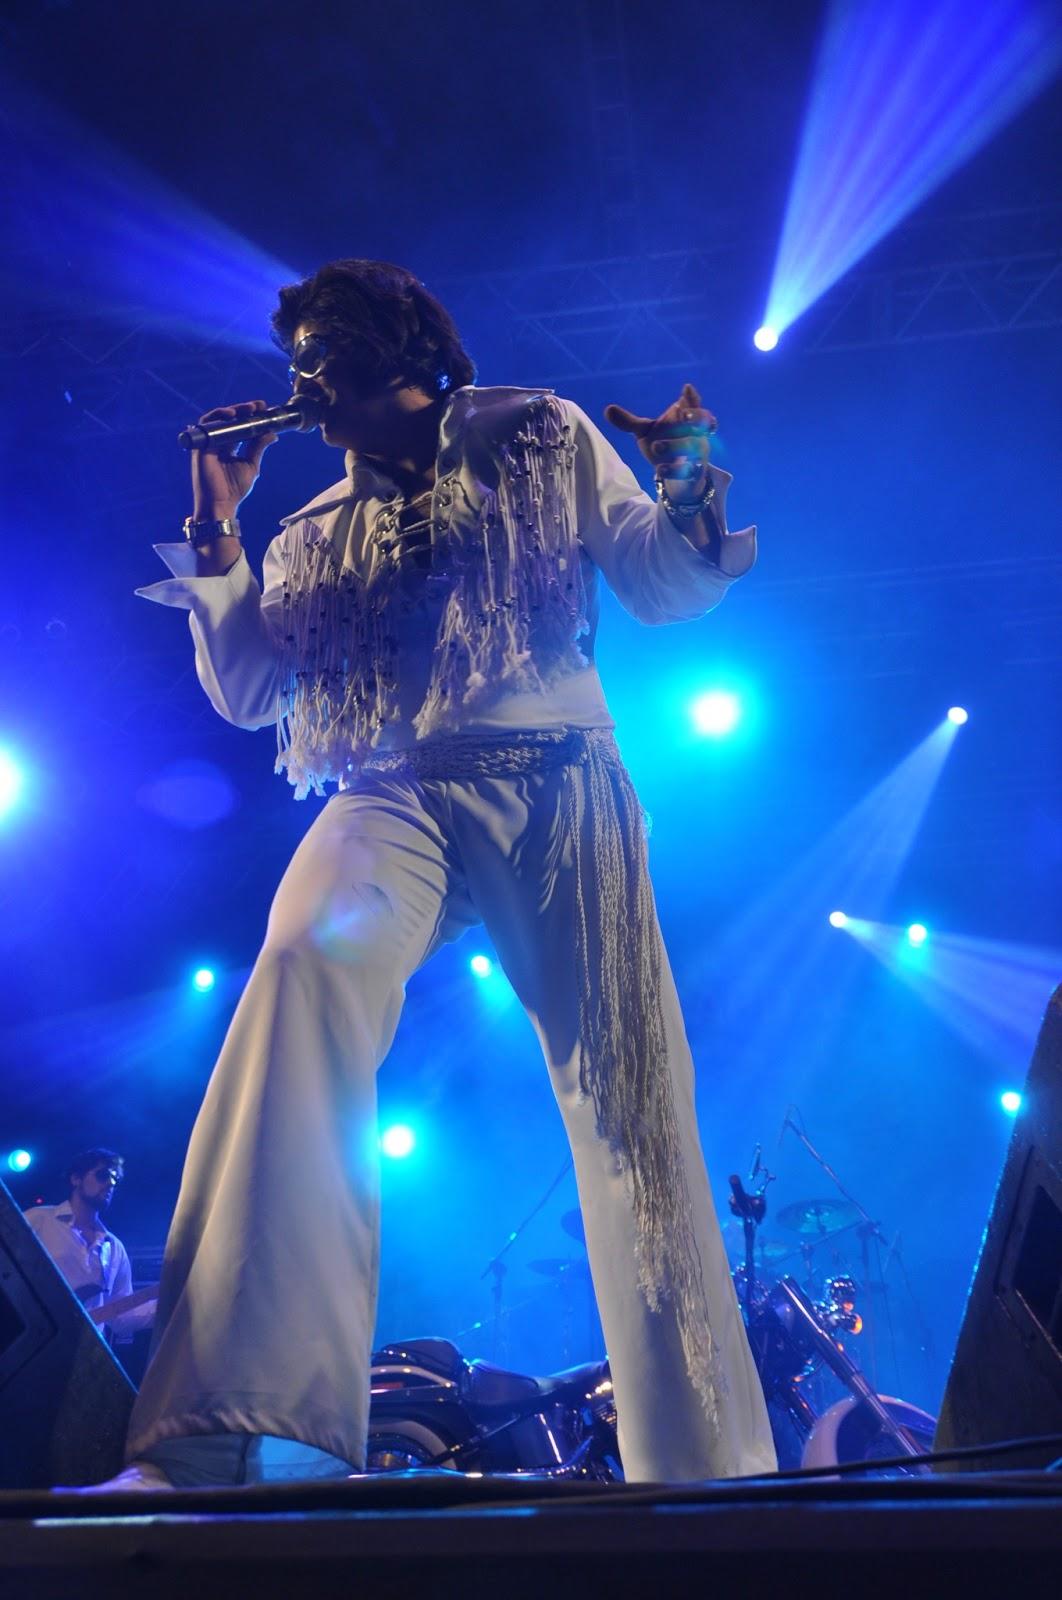 679193f60c175 Liderada pelo multiartista Bonfim Netto, a Elvis Band Brasil será um dos  destaques da IX Brasília MotoCapital, que acontece de 24 a 28 de julho na  Granja do ...